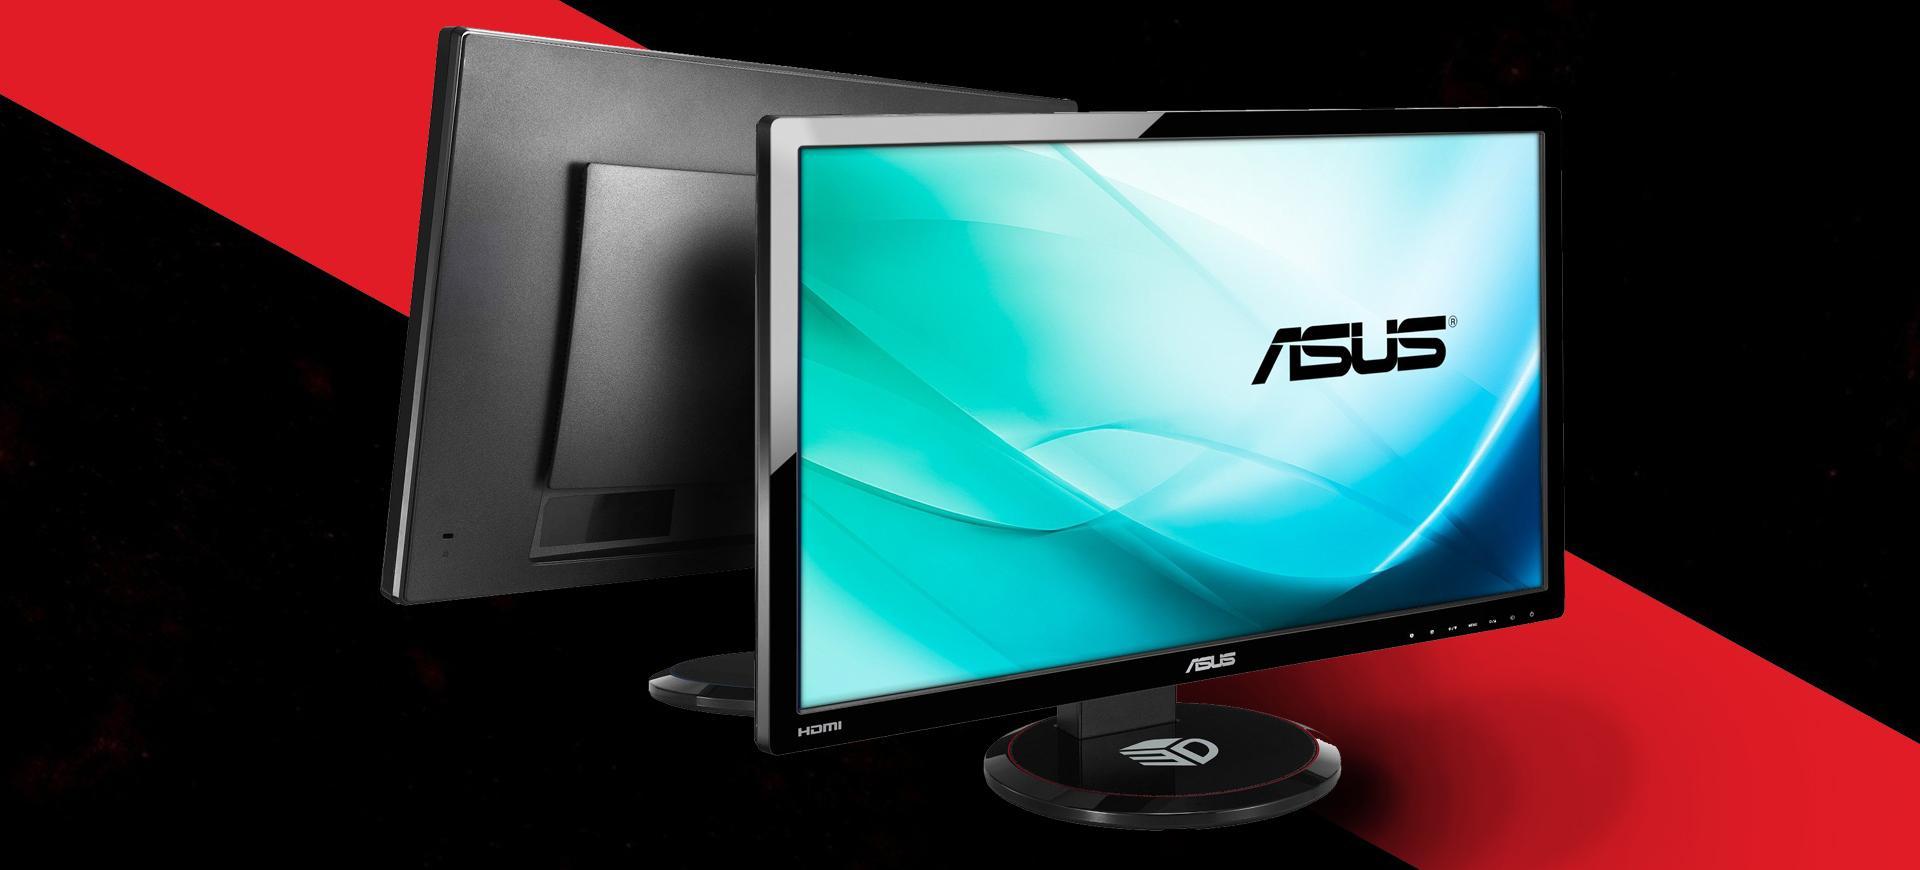 ASUS VG278HE - Đánh Giá Gaming Gear